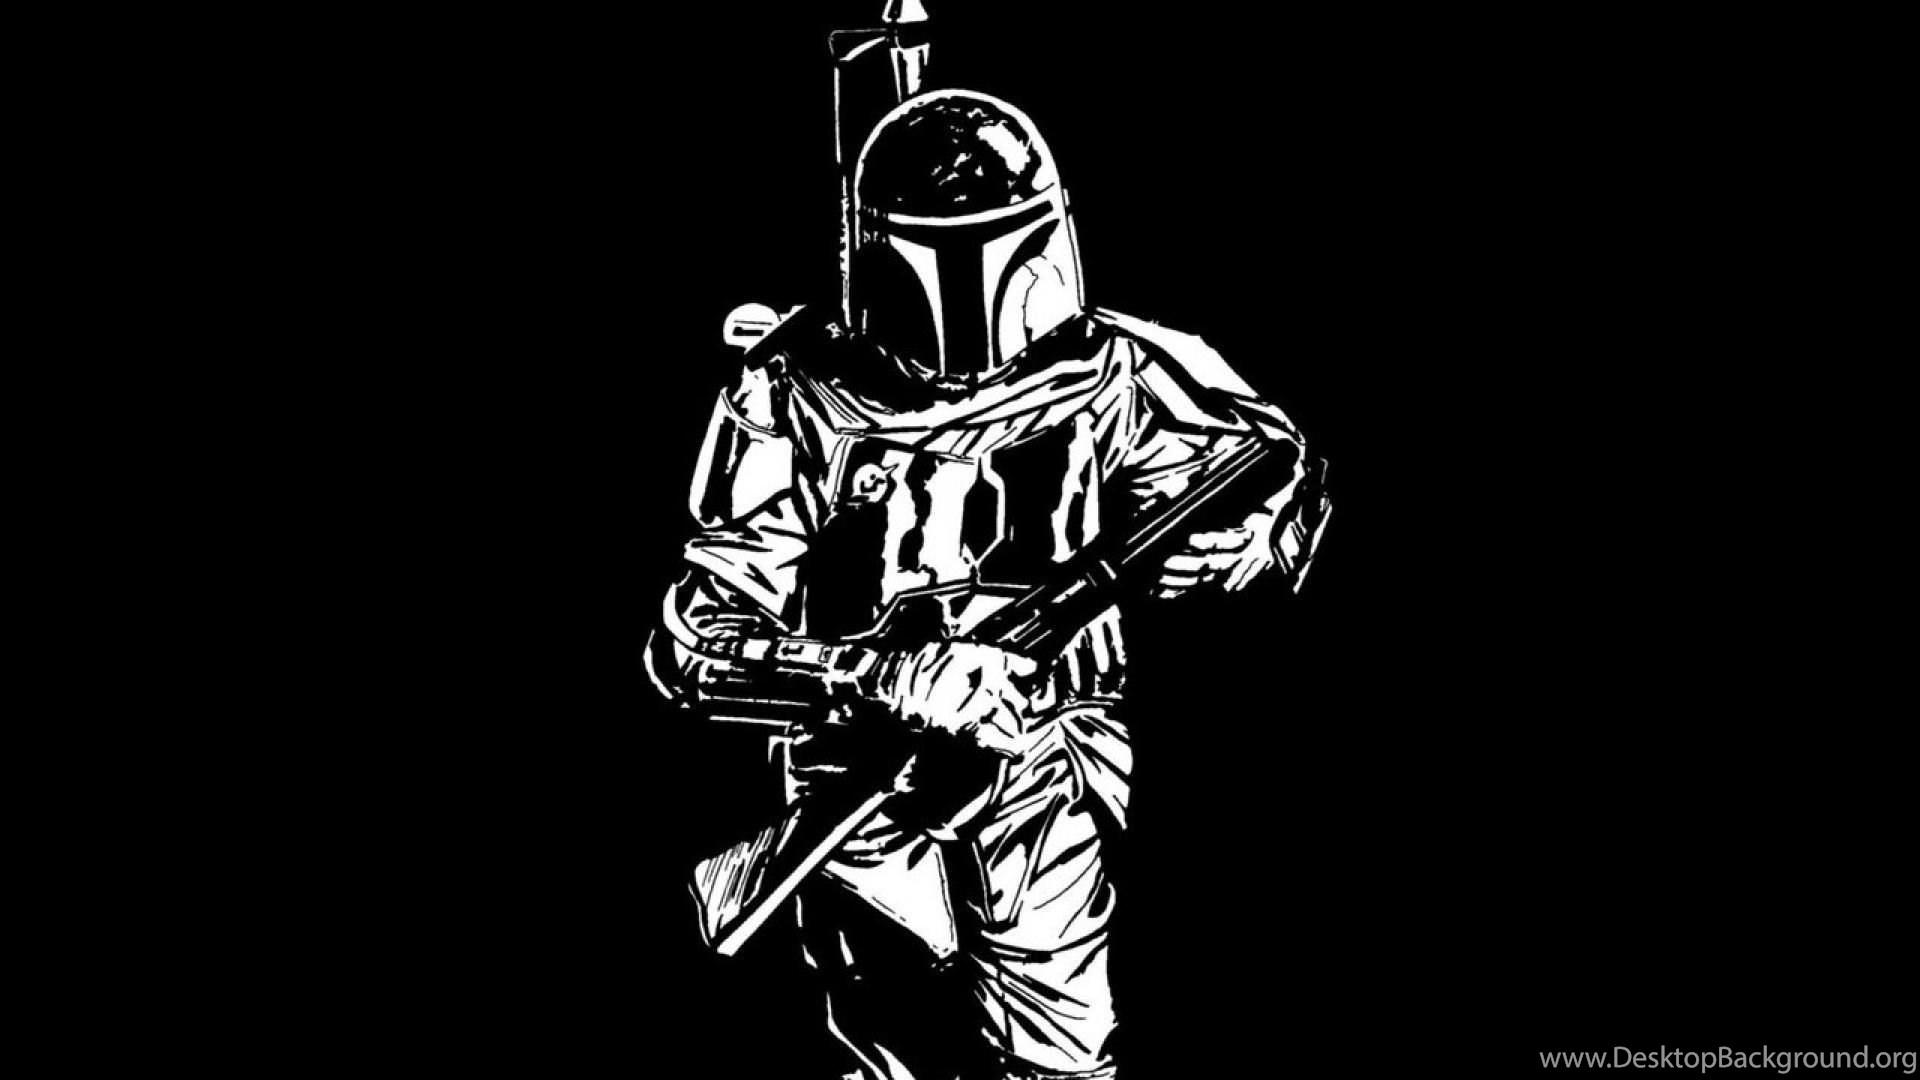 Star Wars Boba Fett Hd Wallpapers Desktop Background